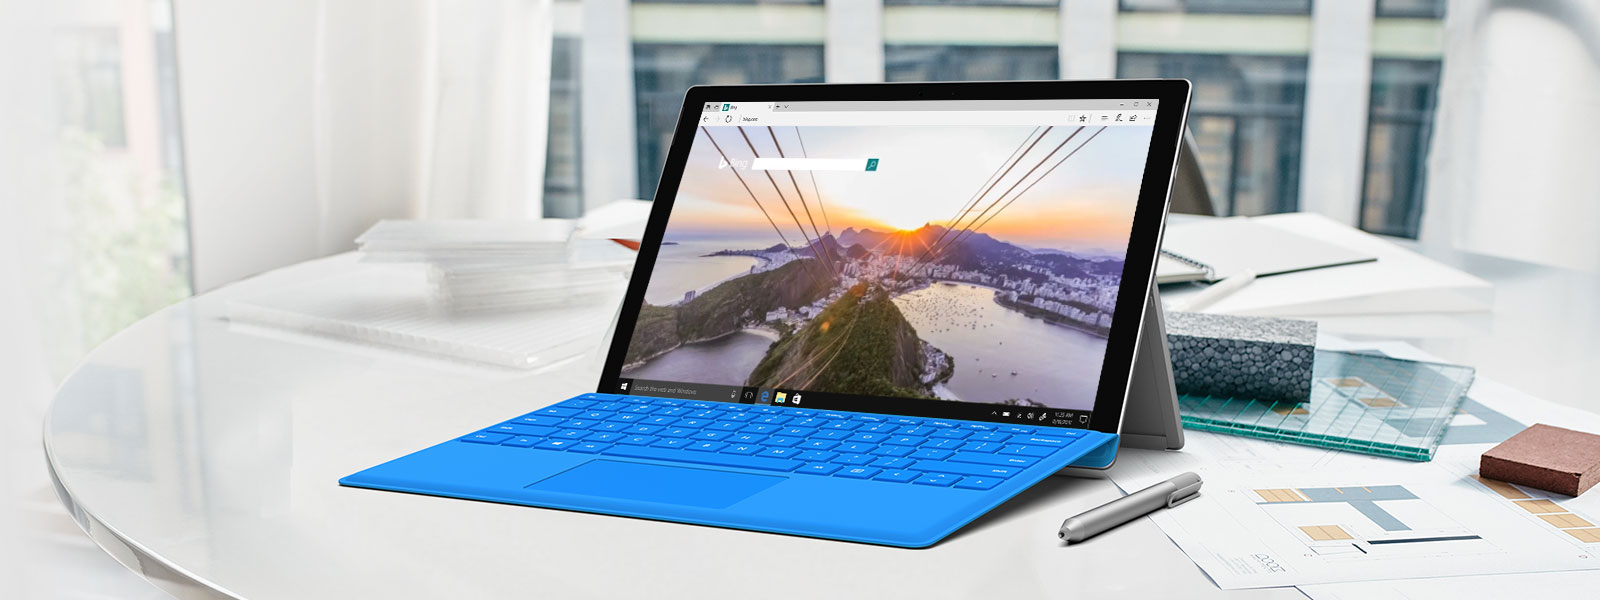 Microsoft Edge hiển thị màn hình tìm kiếm Bing